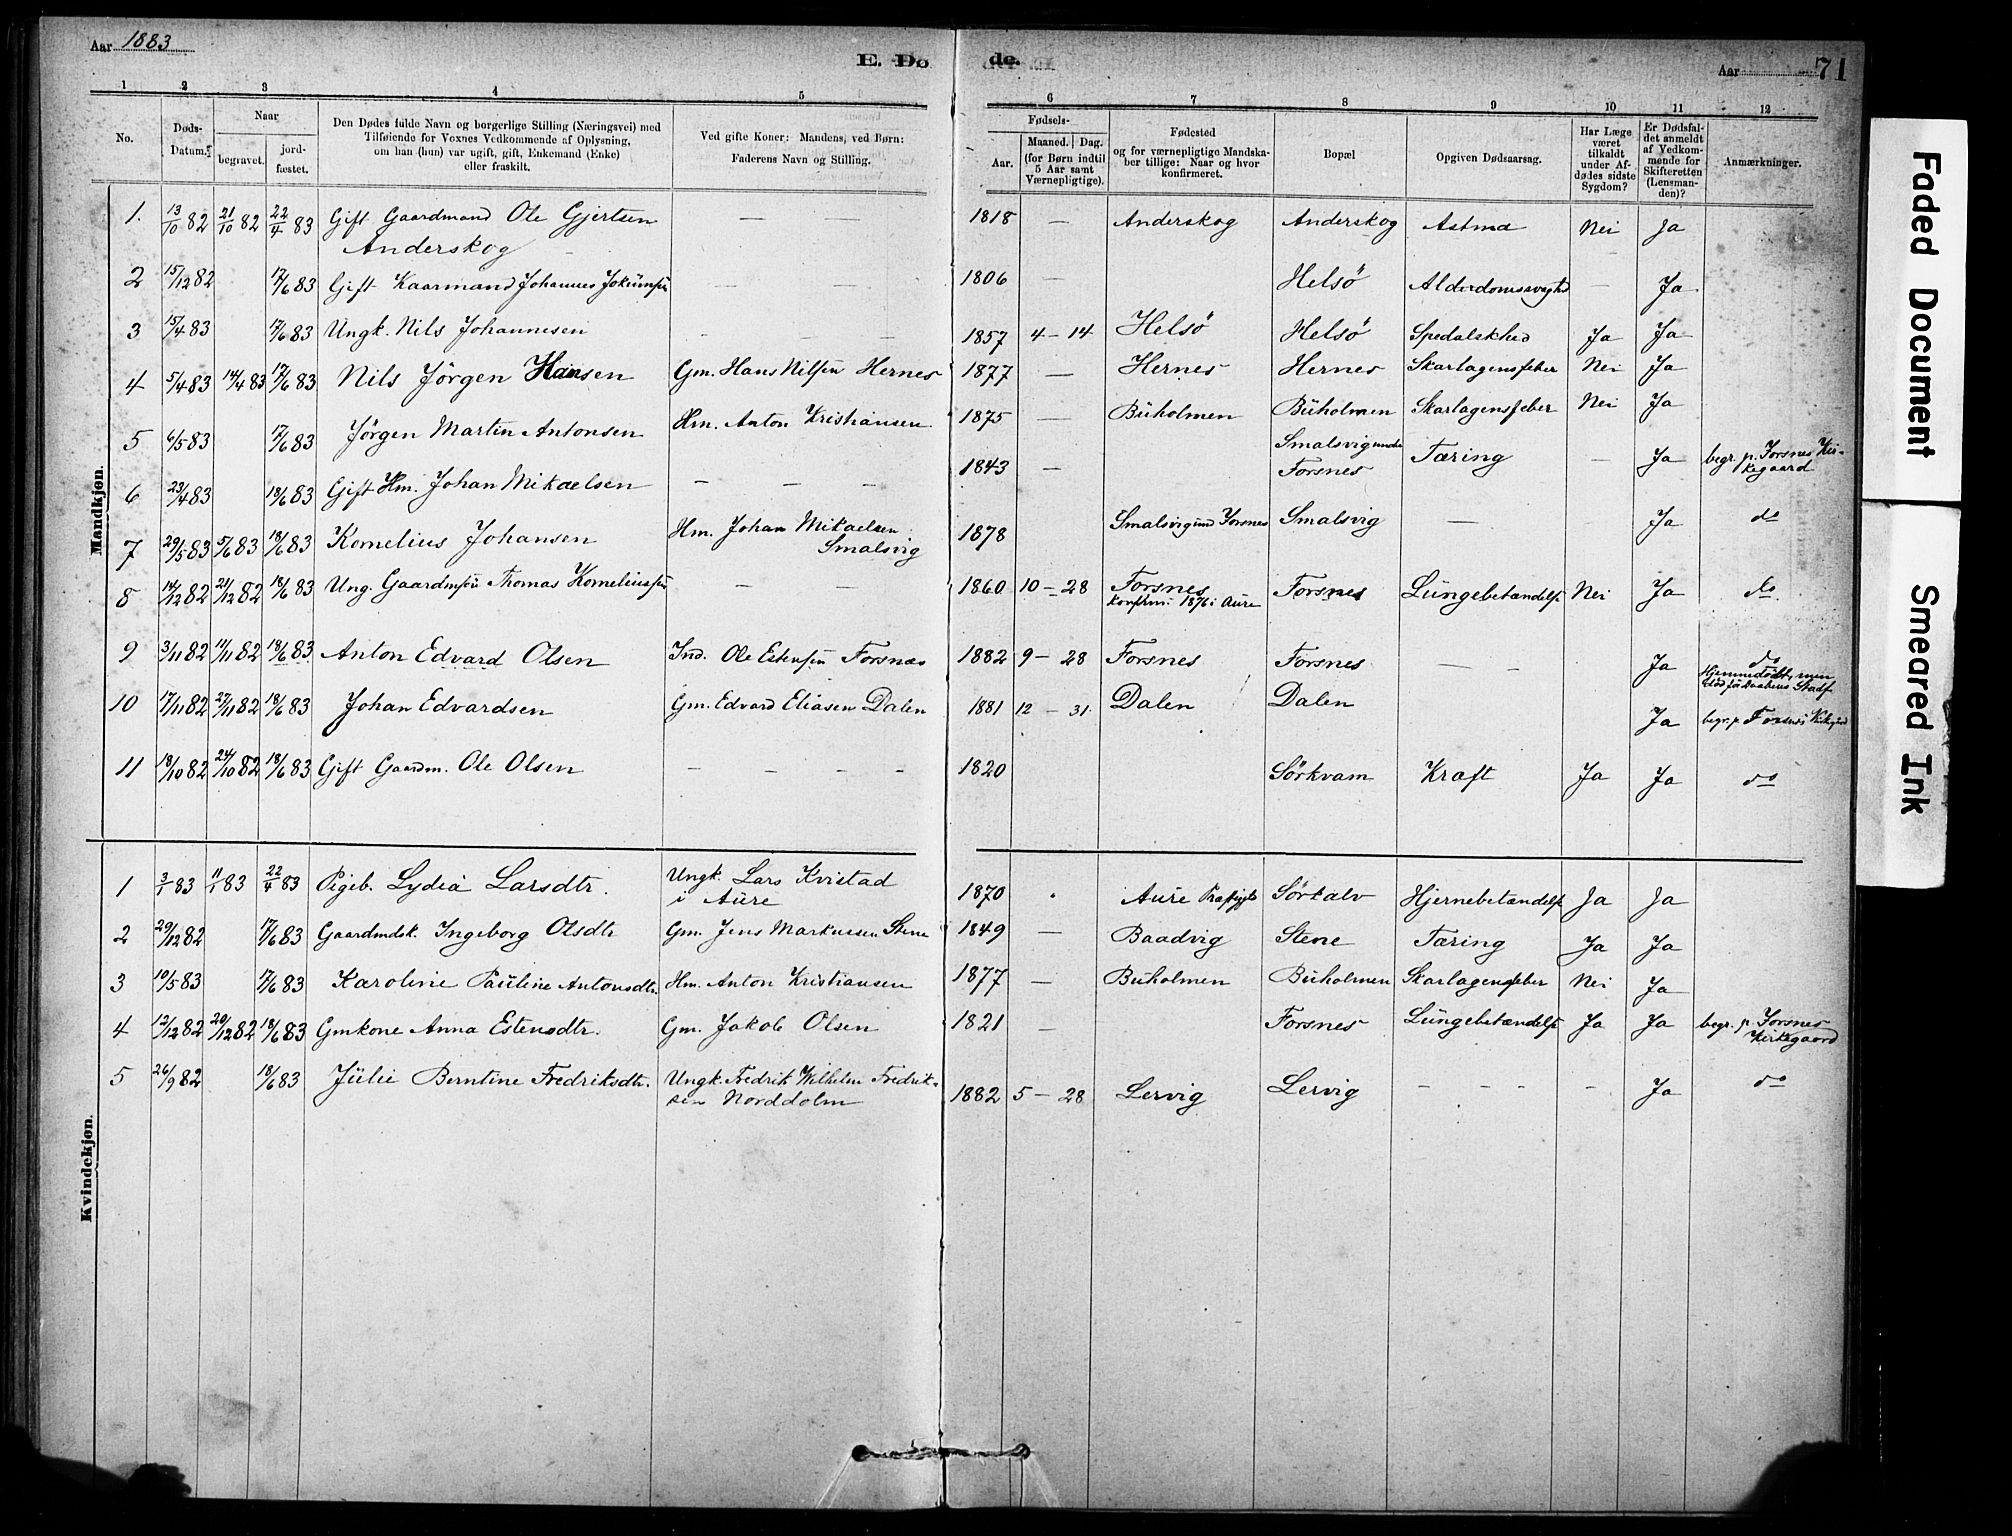 SAT, Ministerialprotokoller, klokkerbøker og fødselsregistre - Sør-Trøndelag, 635/L0551: Ministerialbok nr. 635A01, 1882-1899, s. 71